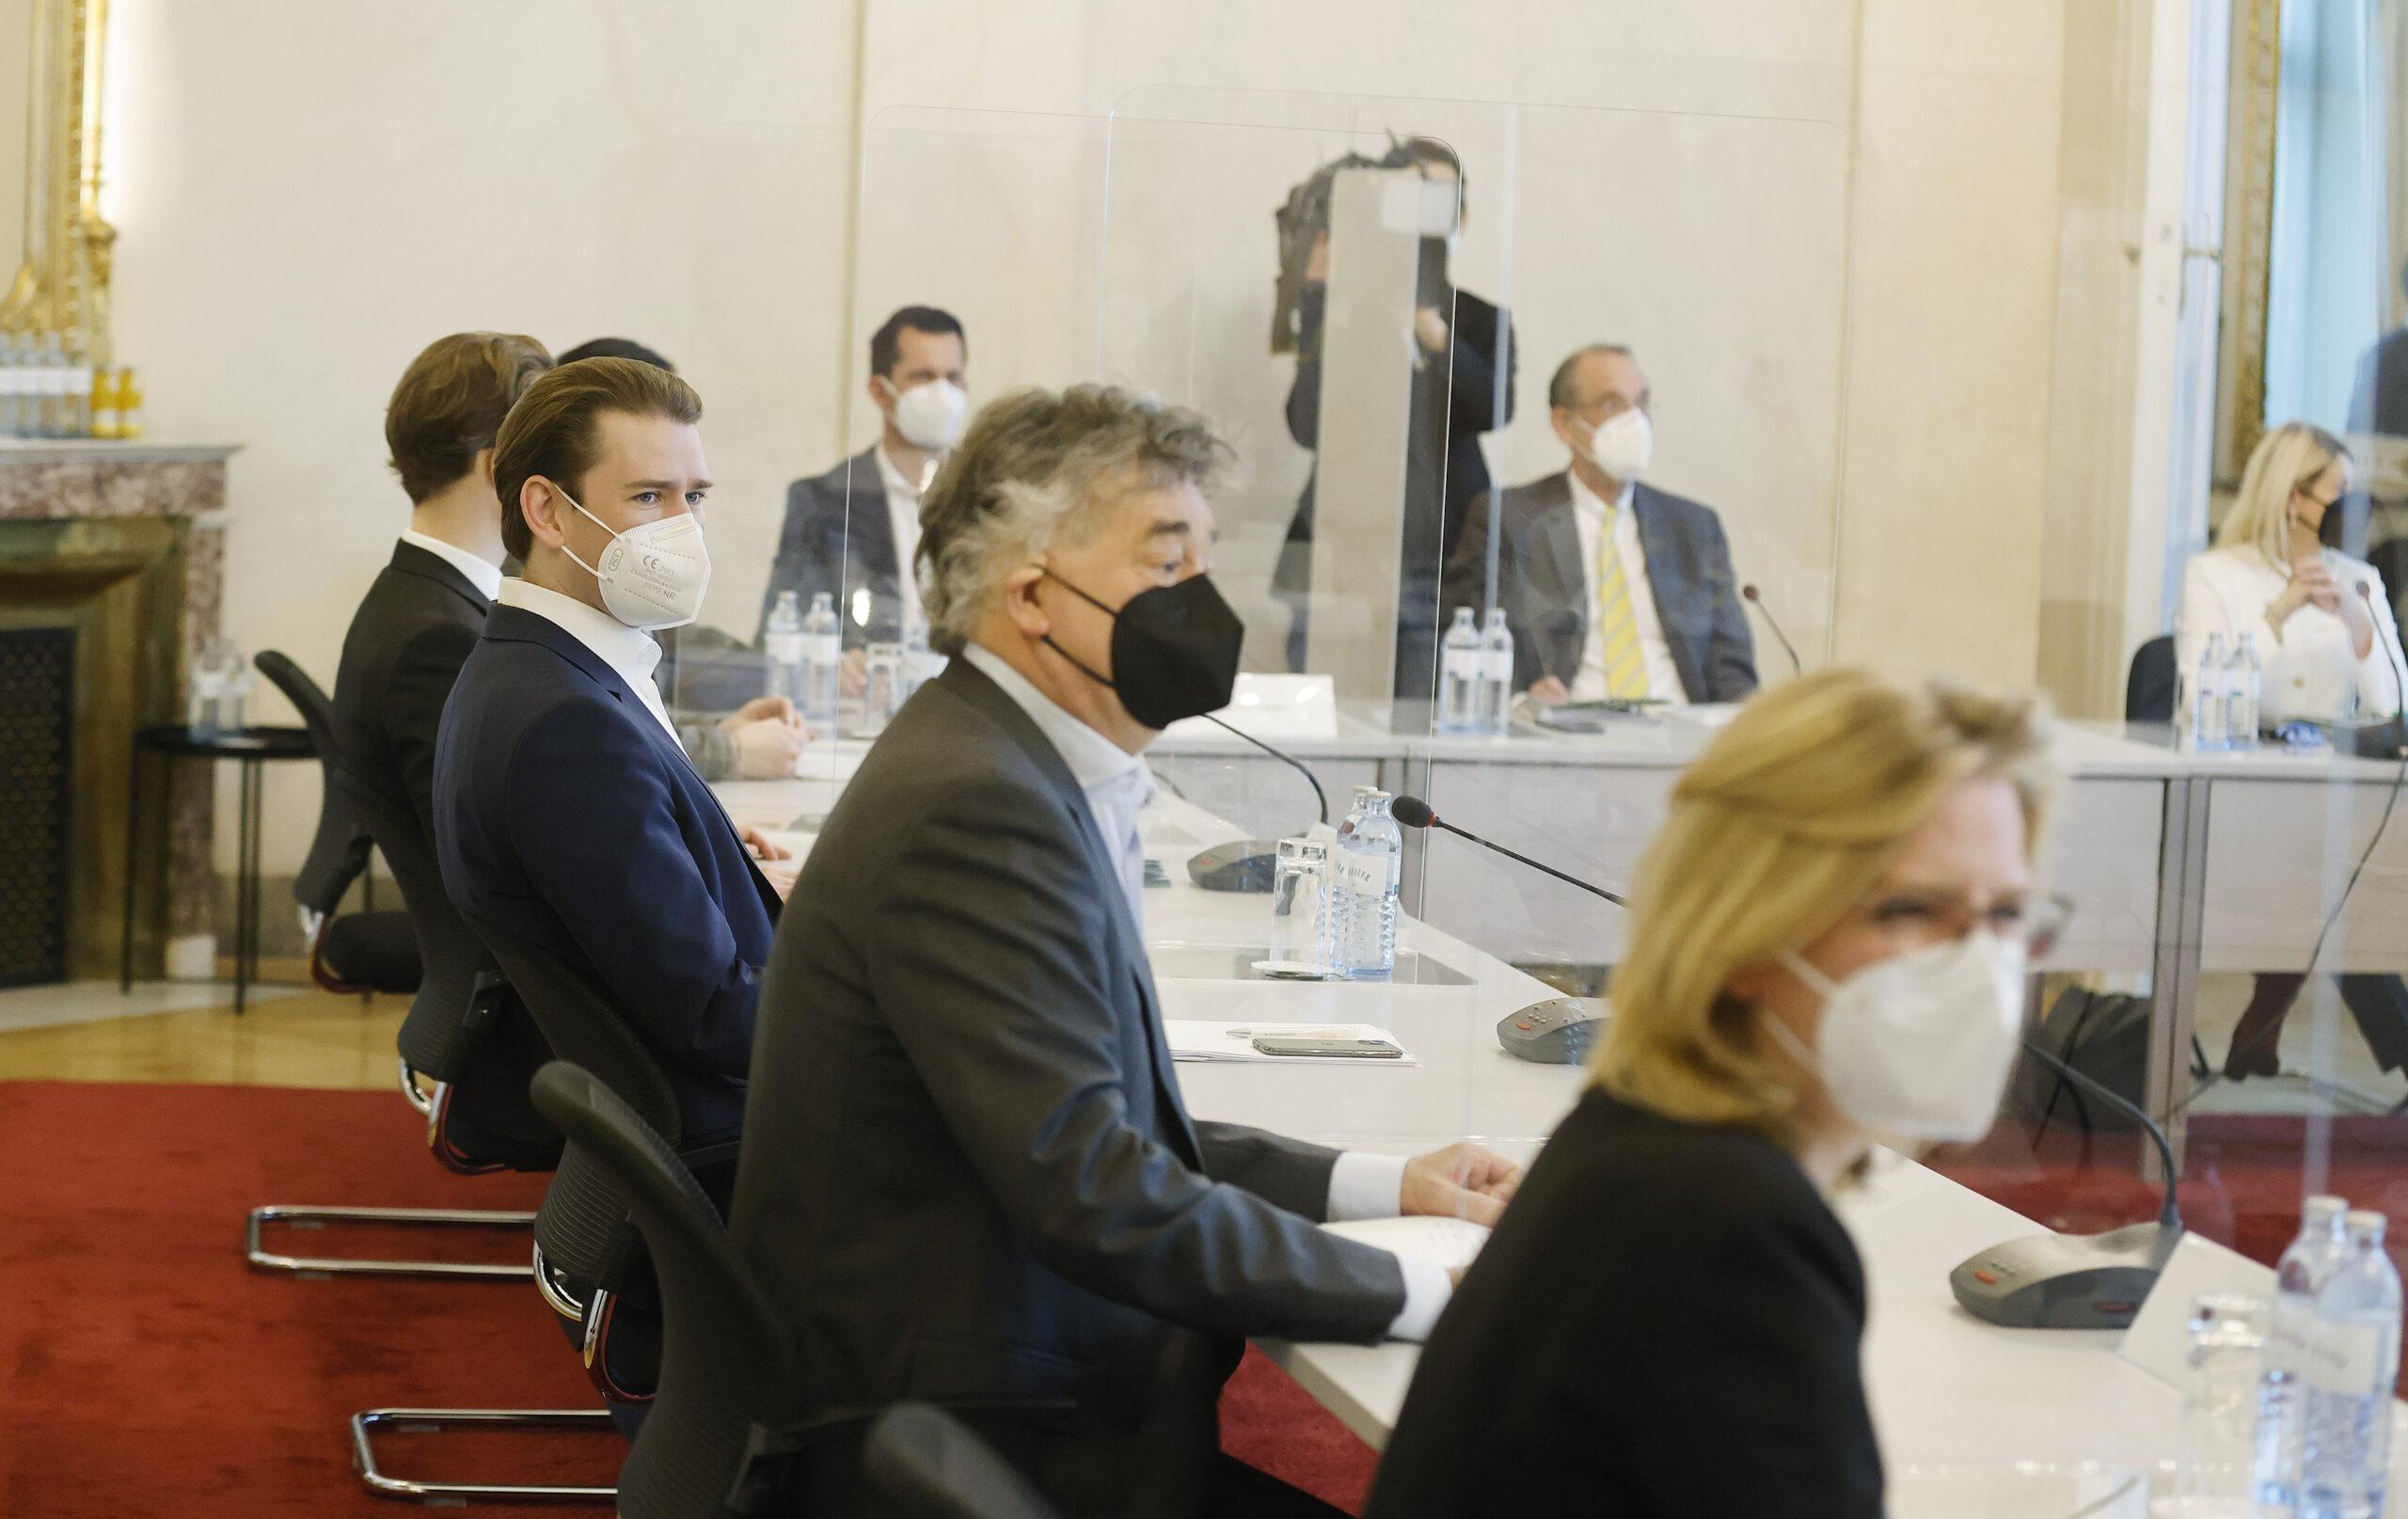 Bei ihrer Regierungsklausr Anfang der Woche beriet die Regierung zum wirtschaftlichen Comeback. Foto: Dragan Tatic